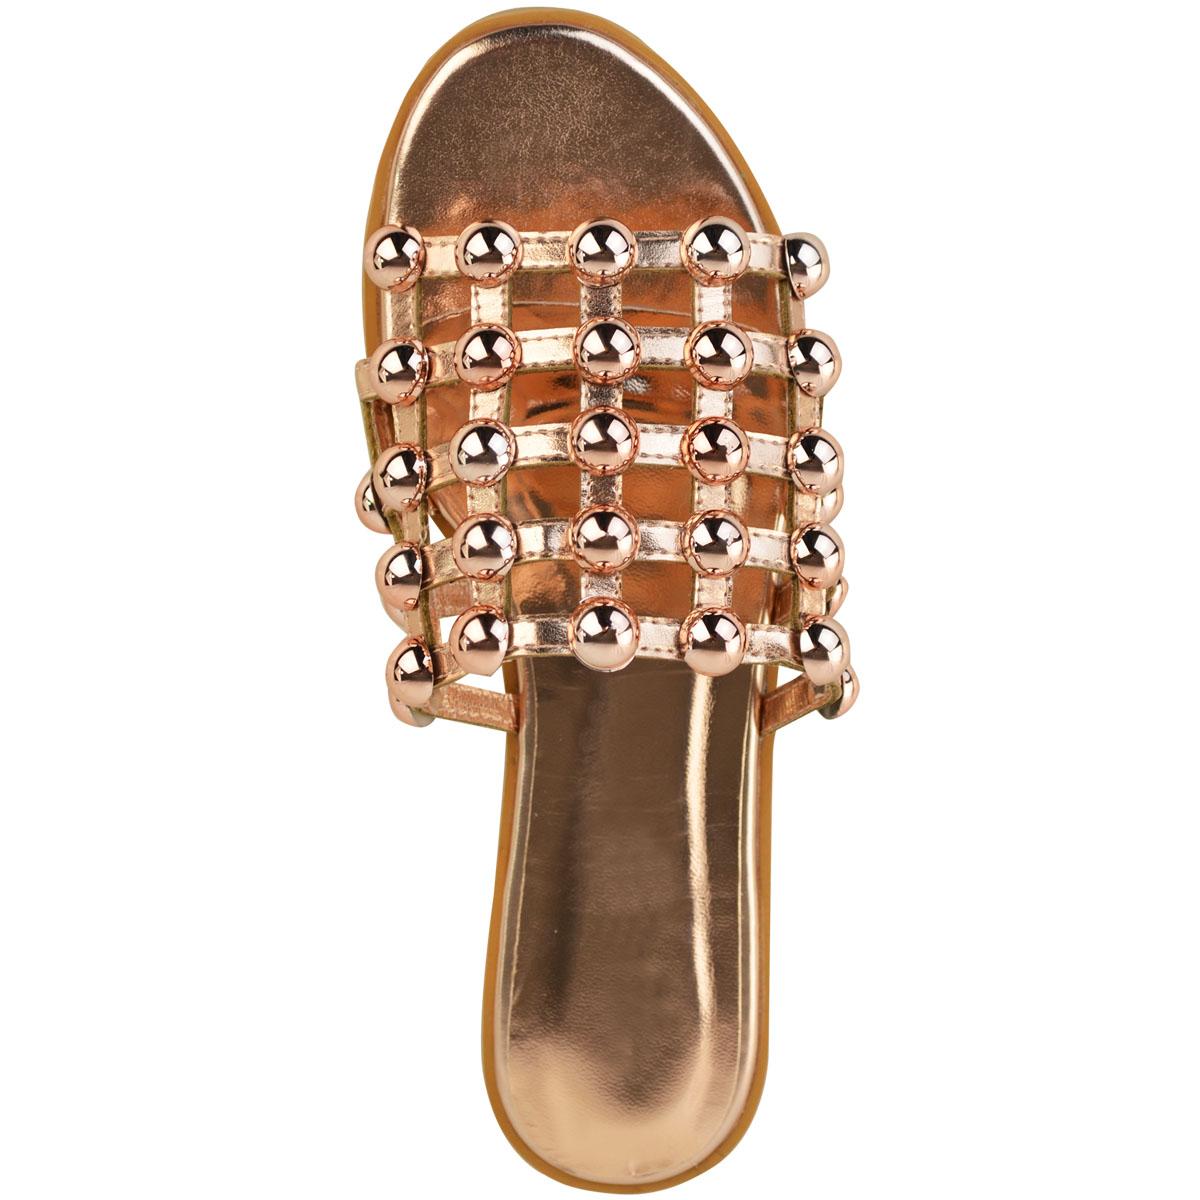 Bottes femme plates cloutées curseurs Caged Sandales Bout Ouvert à Enfiler Chaussures